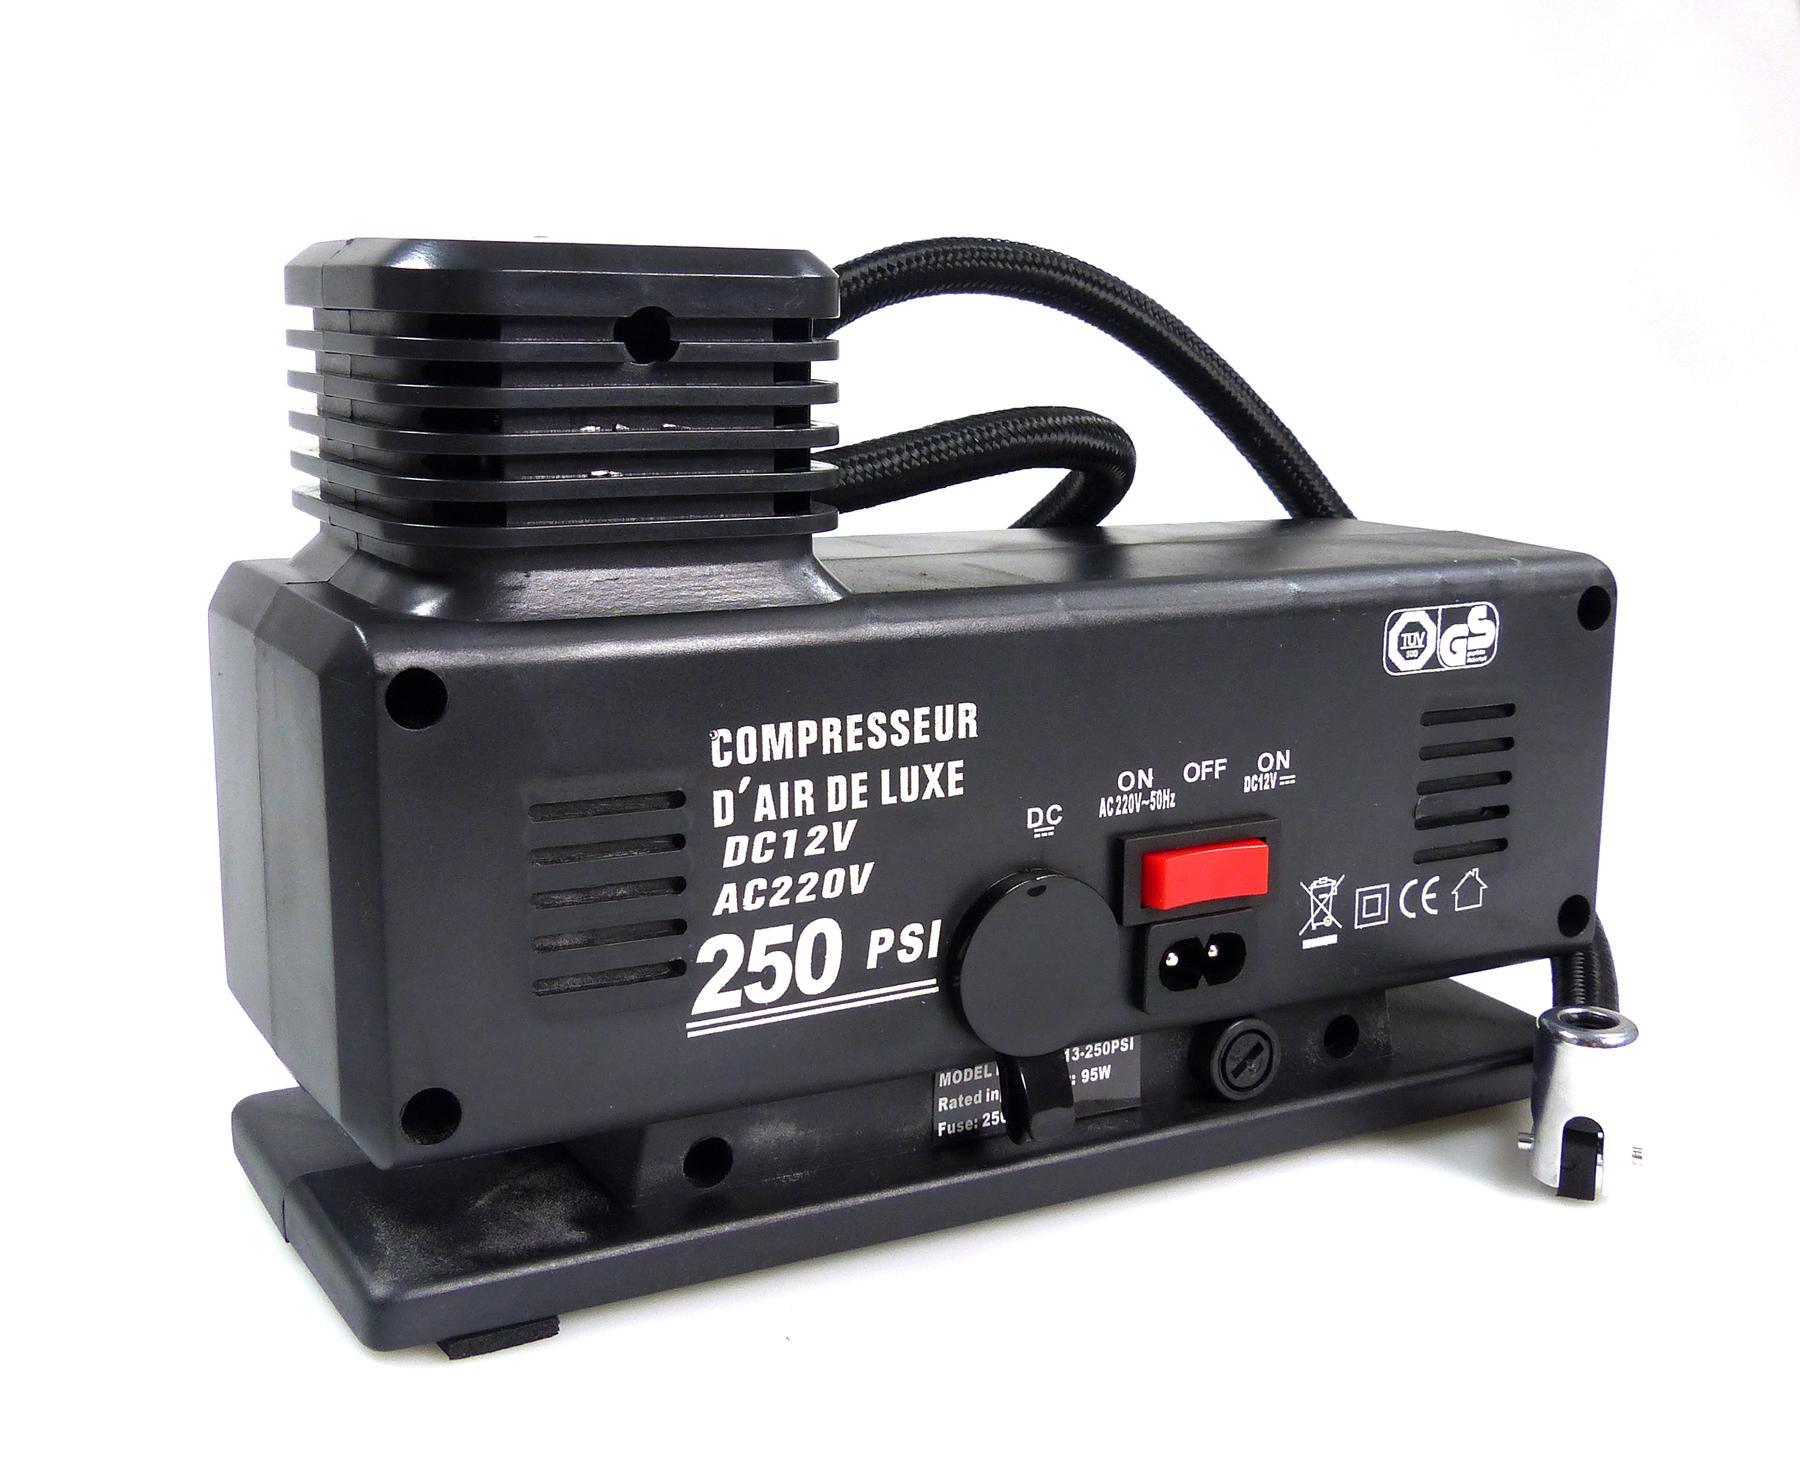 Compressor de ar 231793 CARTEC 231793 de qualidade original